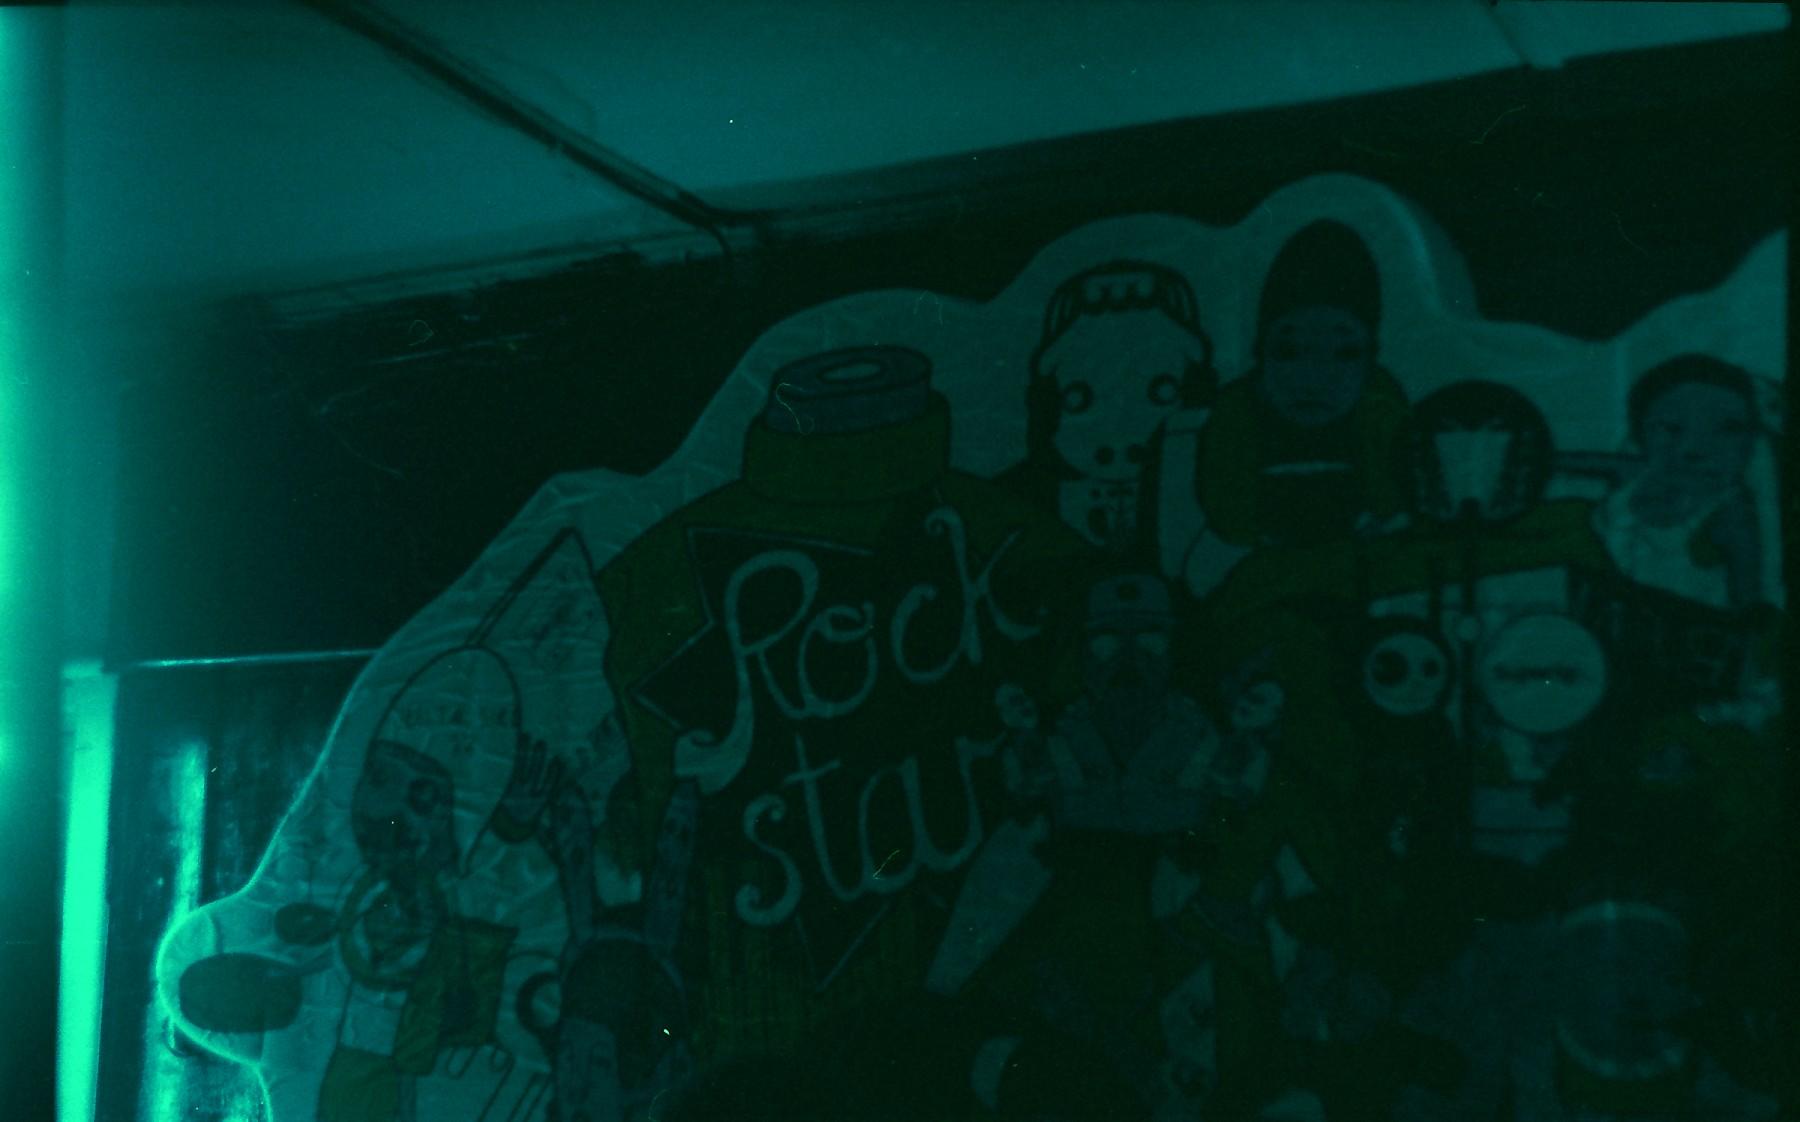 sala_rock.jpg